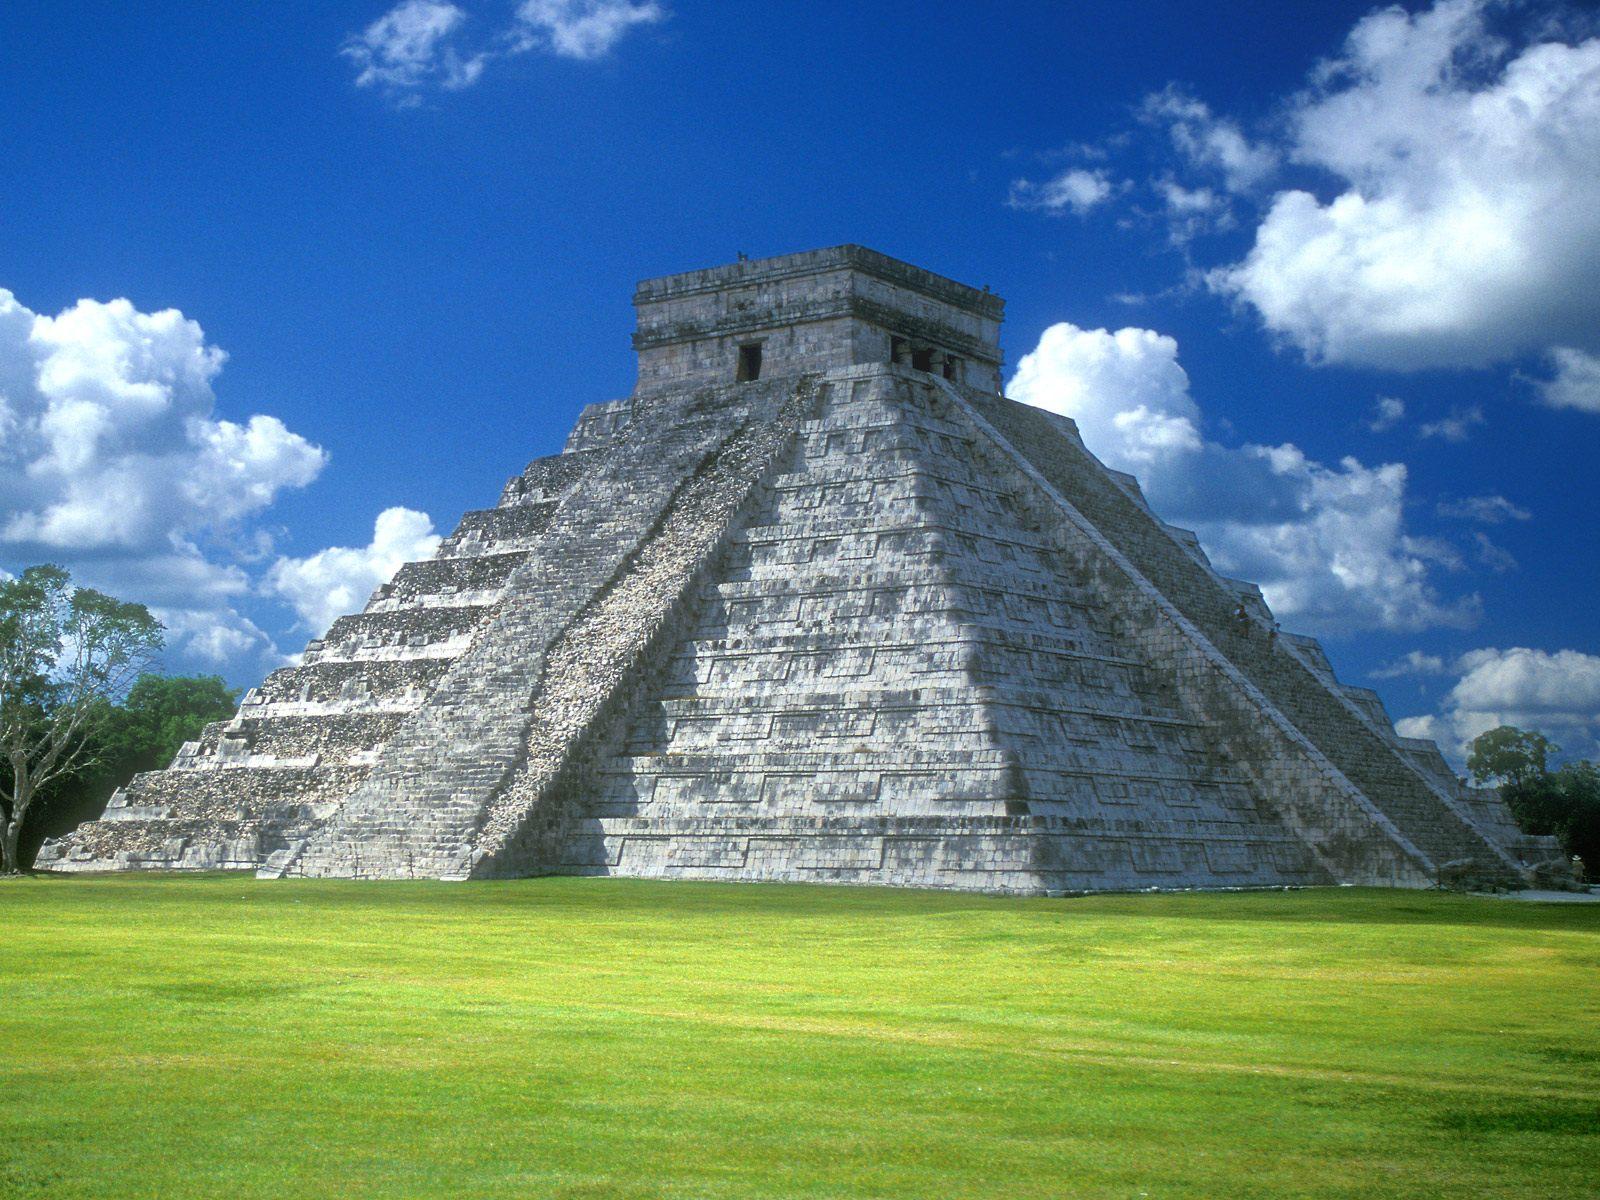 Pyramide Chichen Itza